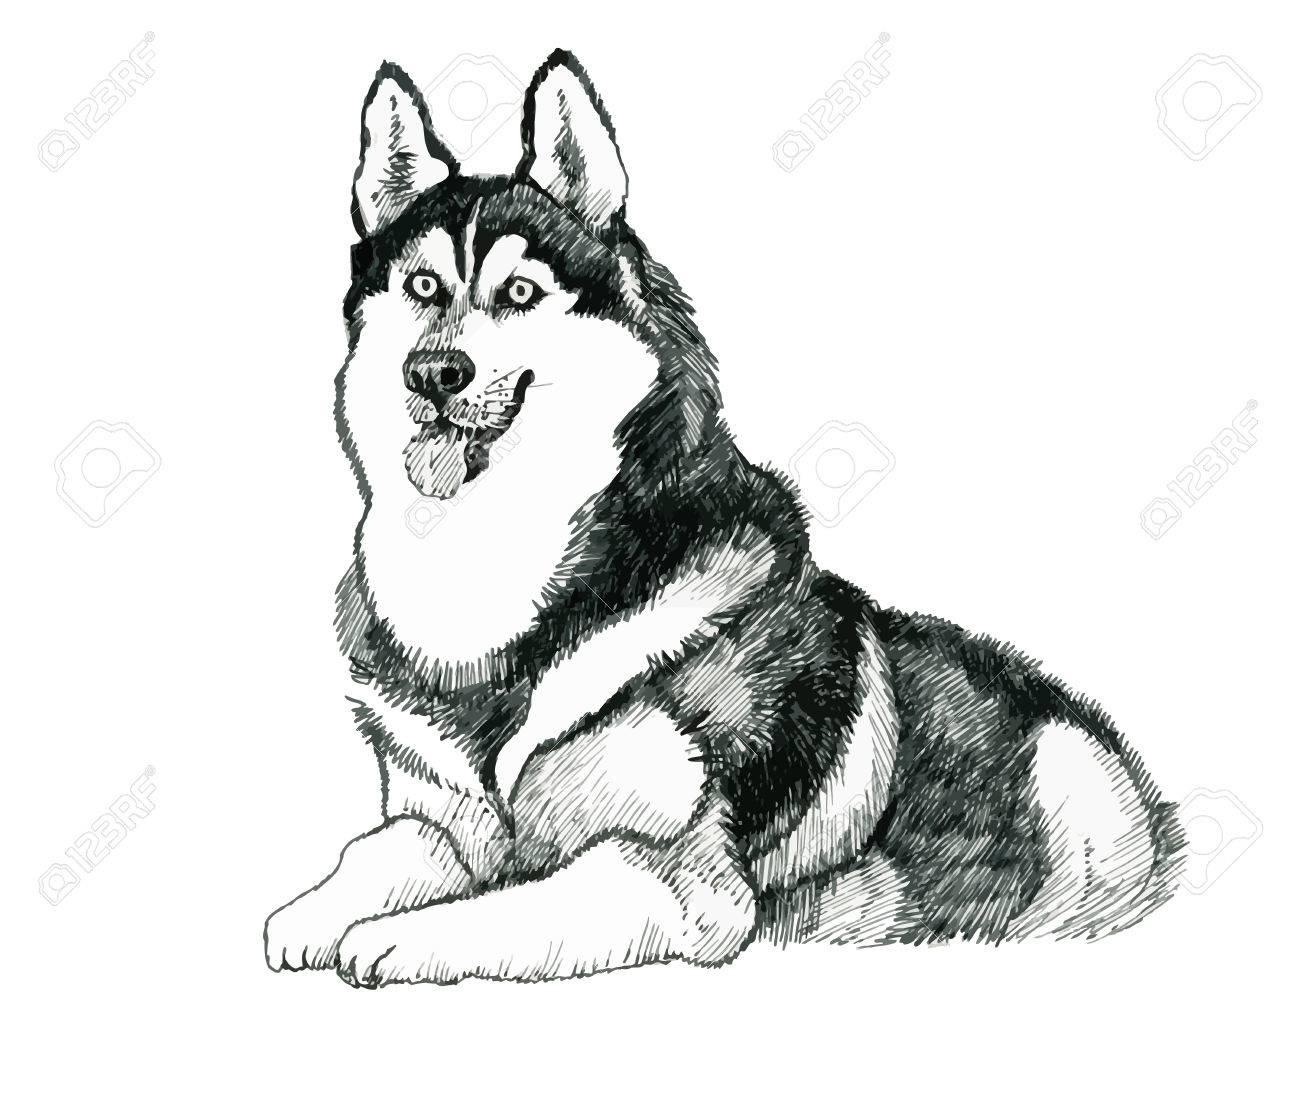 スケッチのハスキー犬の手描きイラストのイラスト素材ベクタ Image